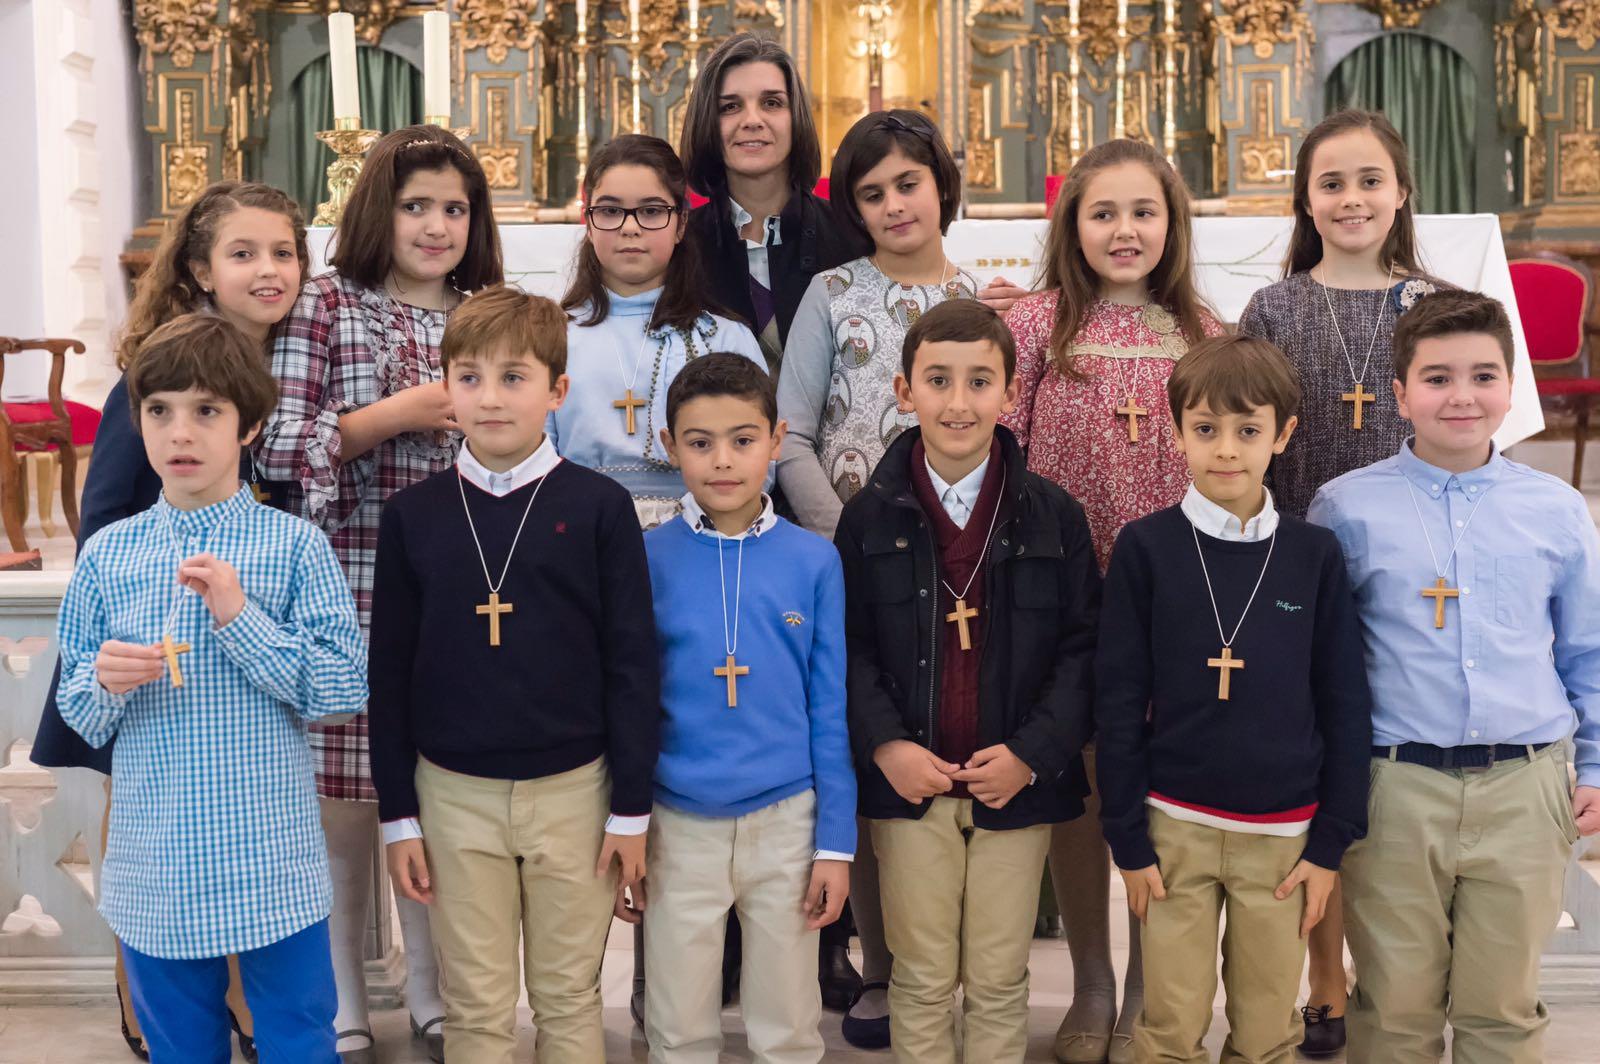 Renovación de Bautismo e imposición de Cruces.